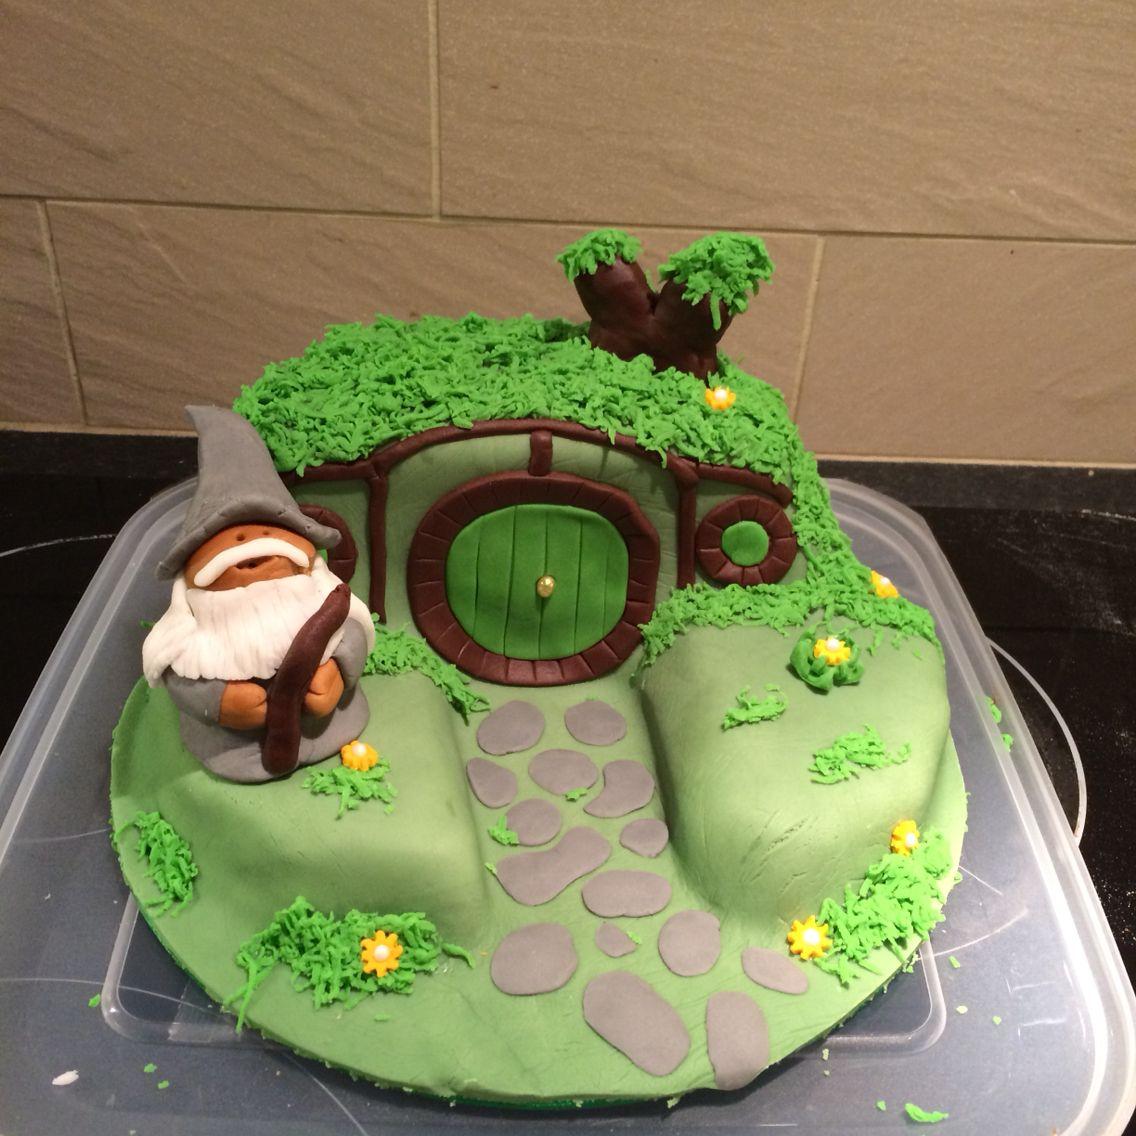 The hobbit cake £30